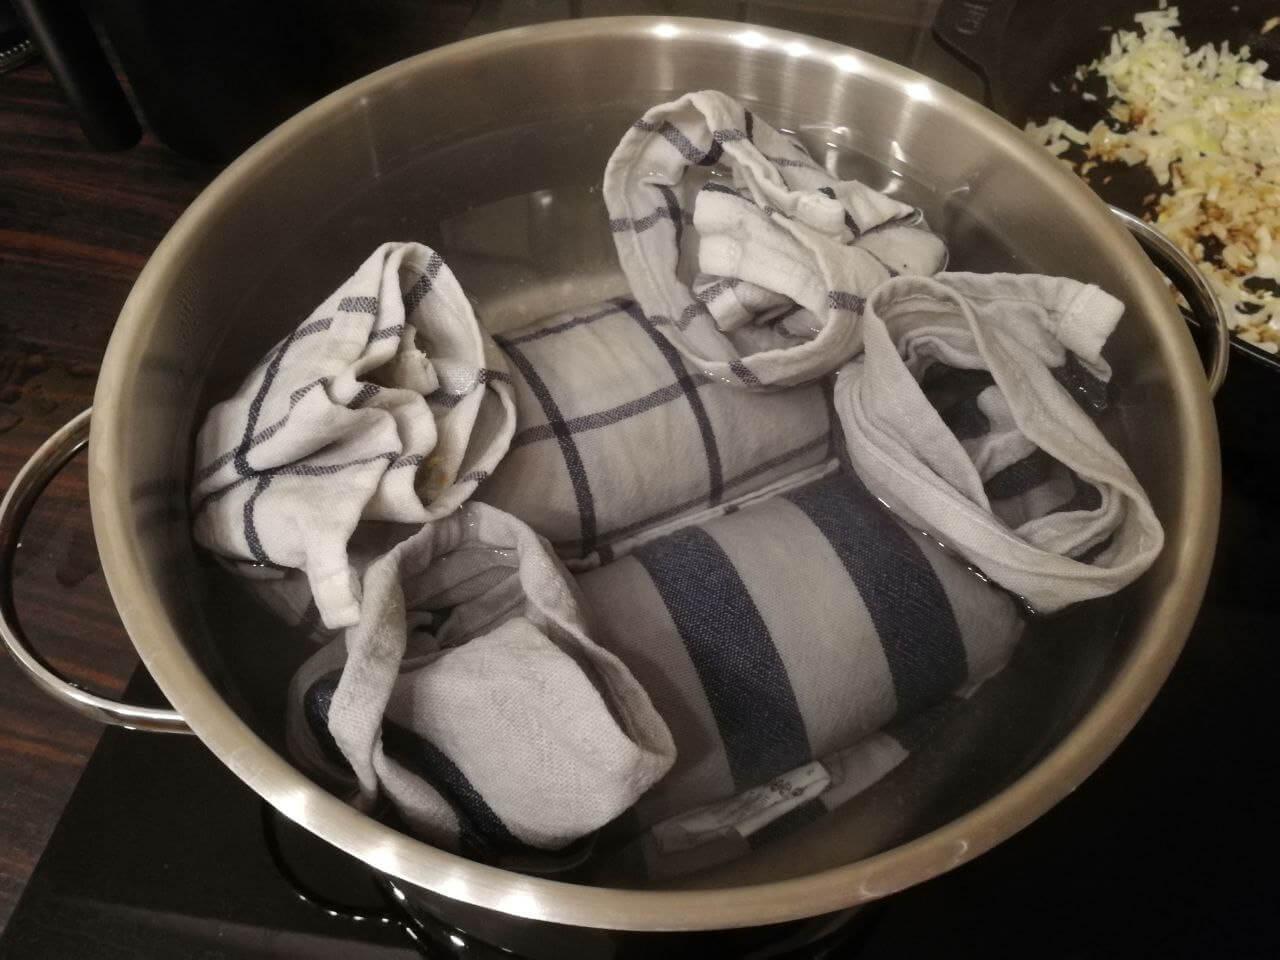 Serviettenknödel beim Garen im Topf